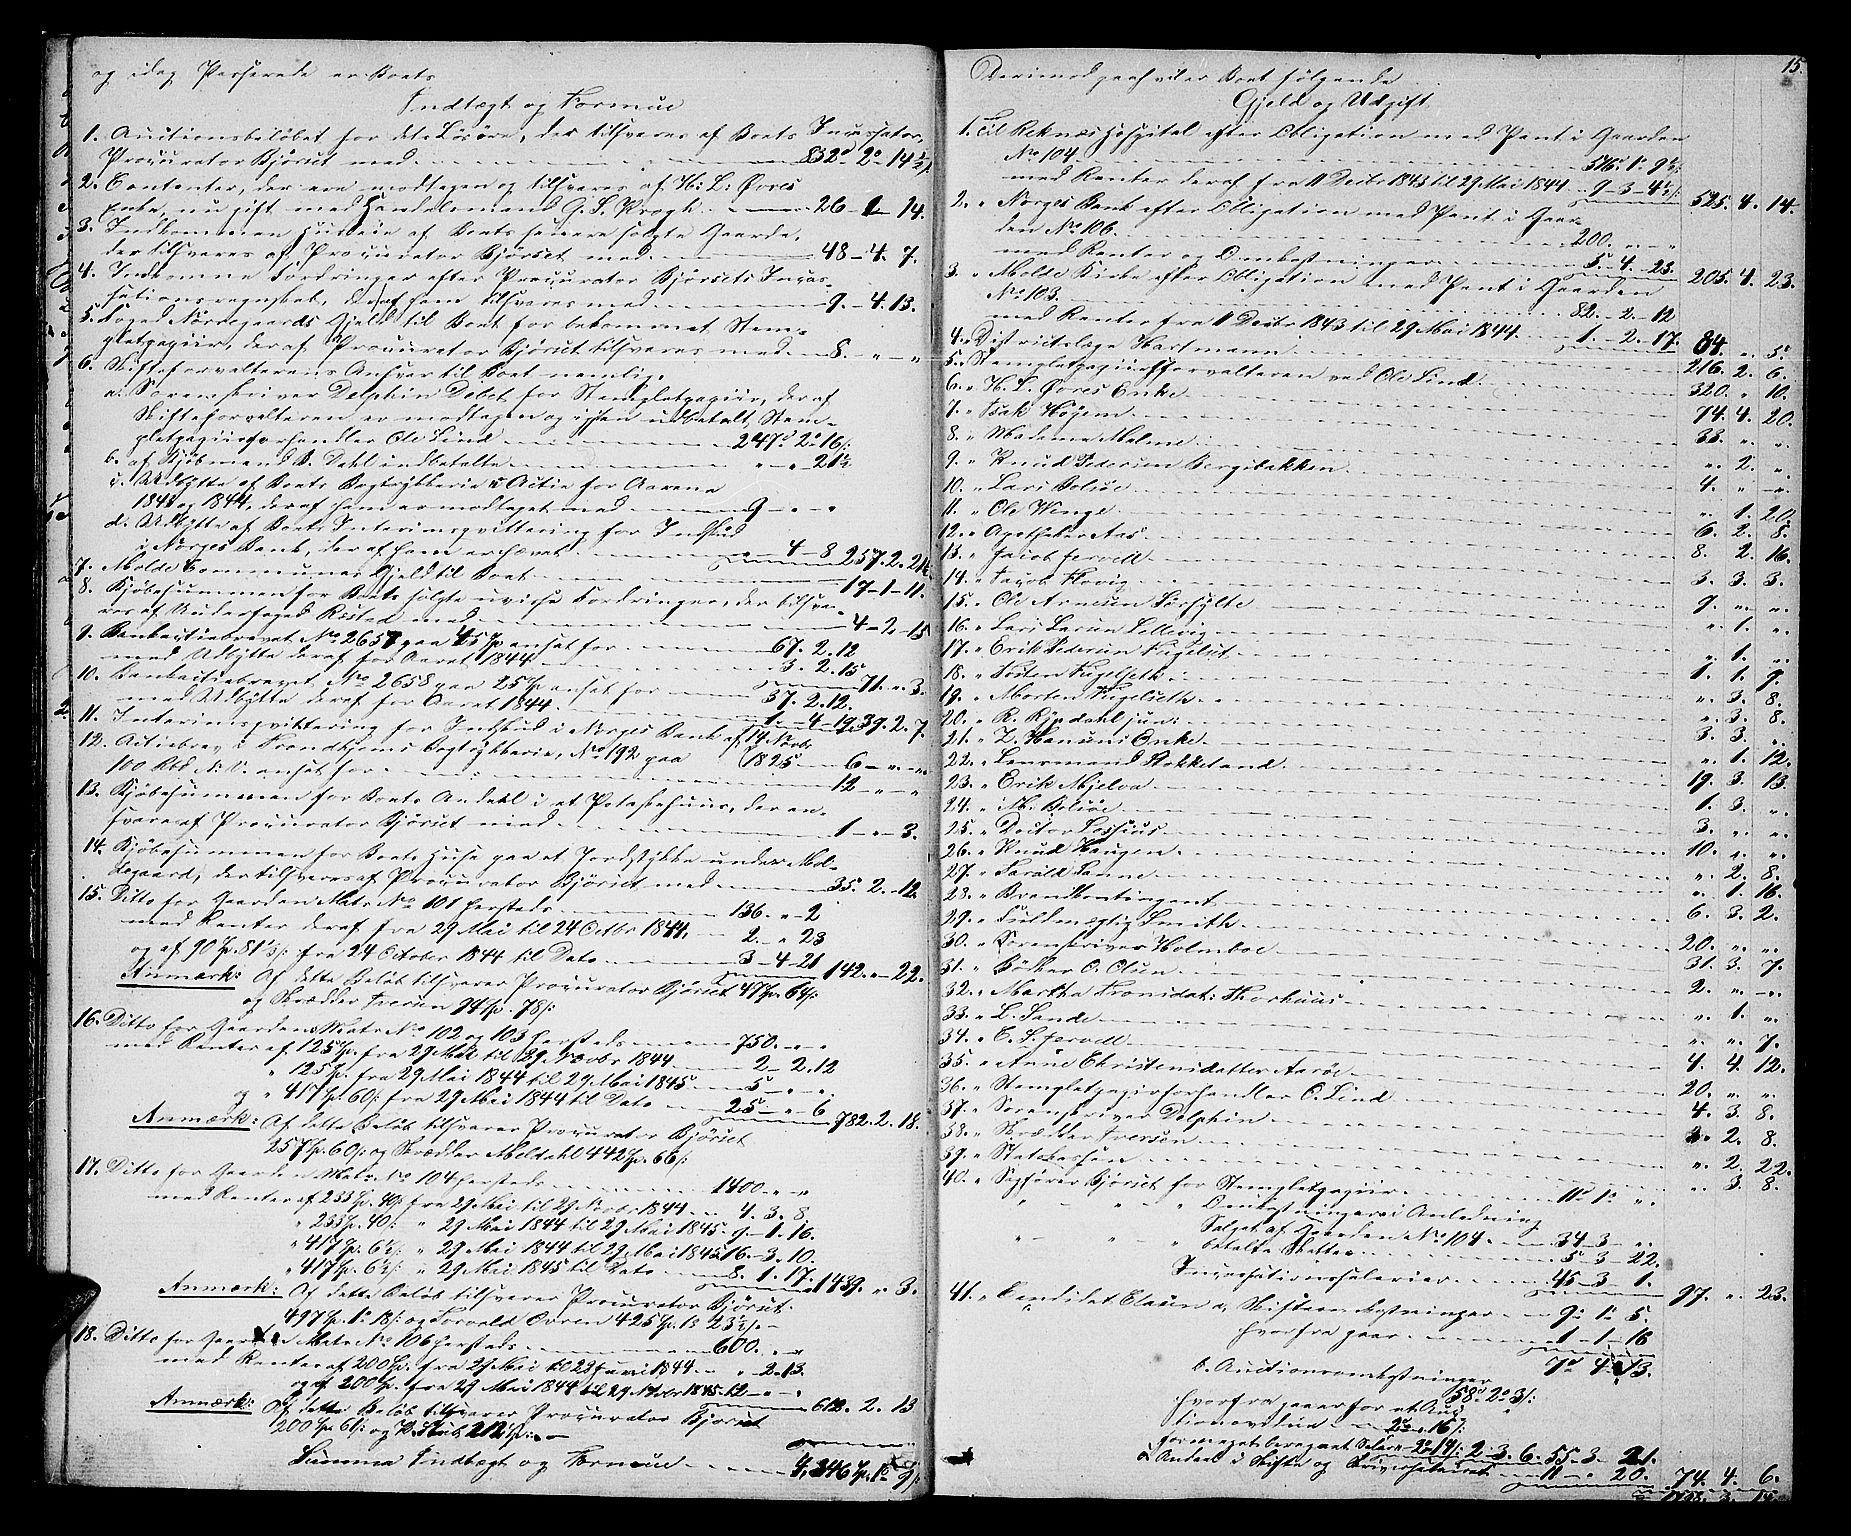 SAT, Molde byfogd, 3/3Ab/L0001: Skifteutlodningsprotokoll, 1842-1867, s. 15